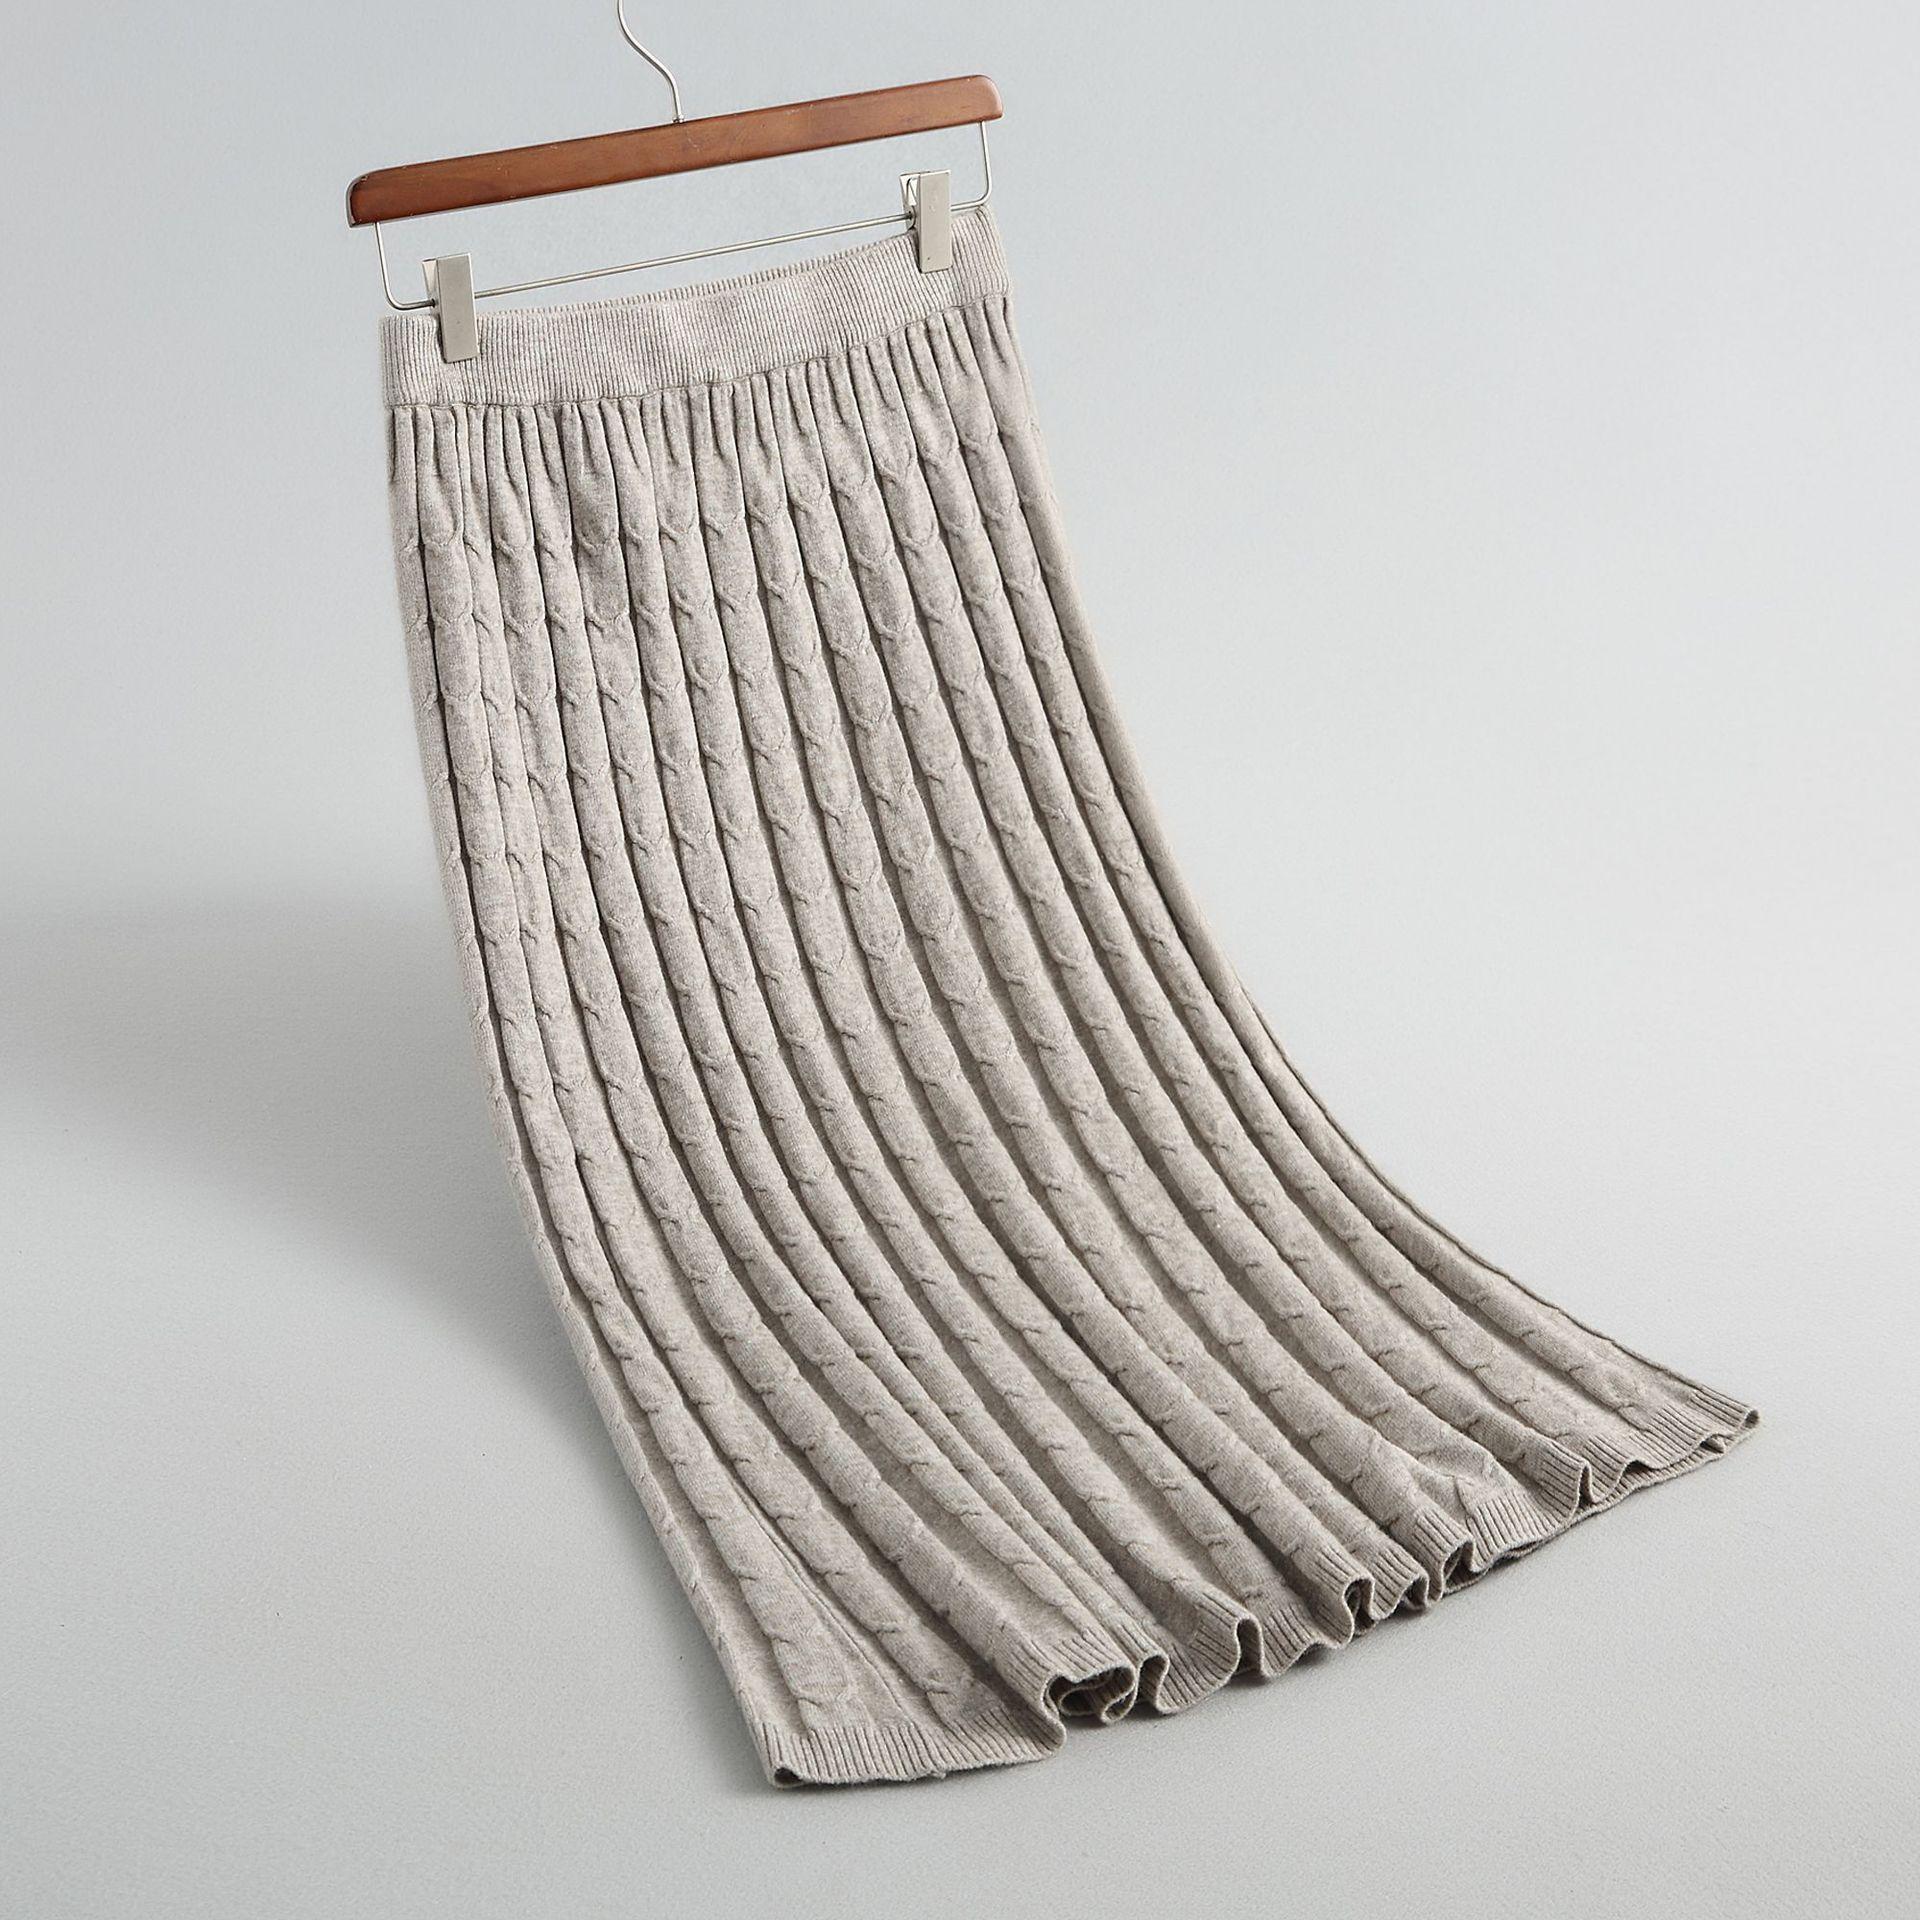 Sherhure 2020 Women Autumn Skirts High Waist Knitting Women Long Skirt Saias Women Pencil Skirt Jupe Femme Faldas